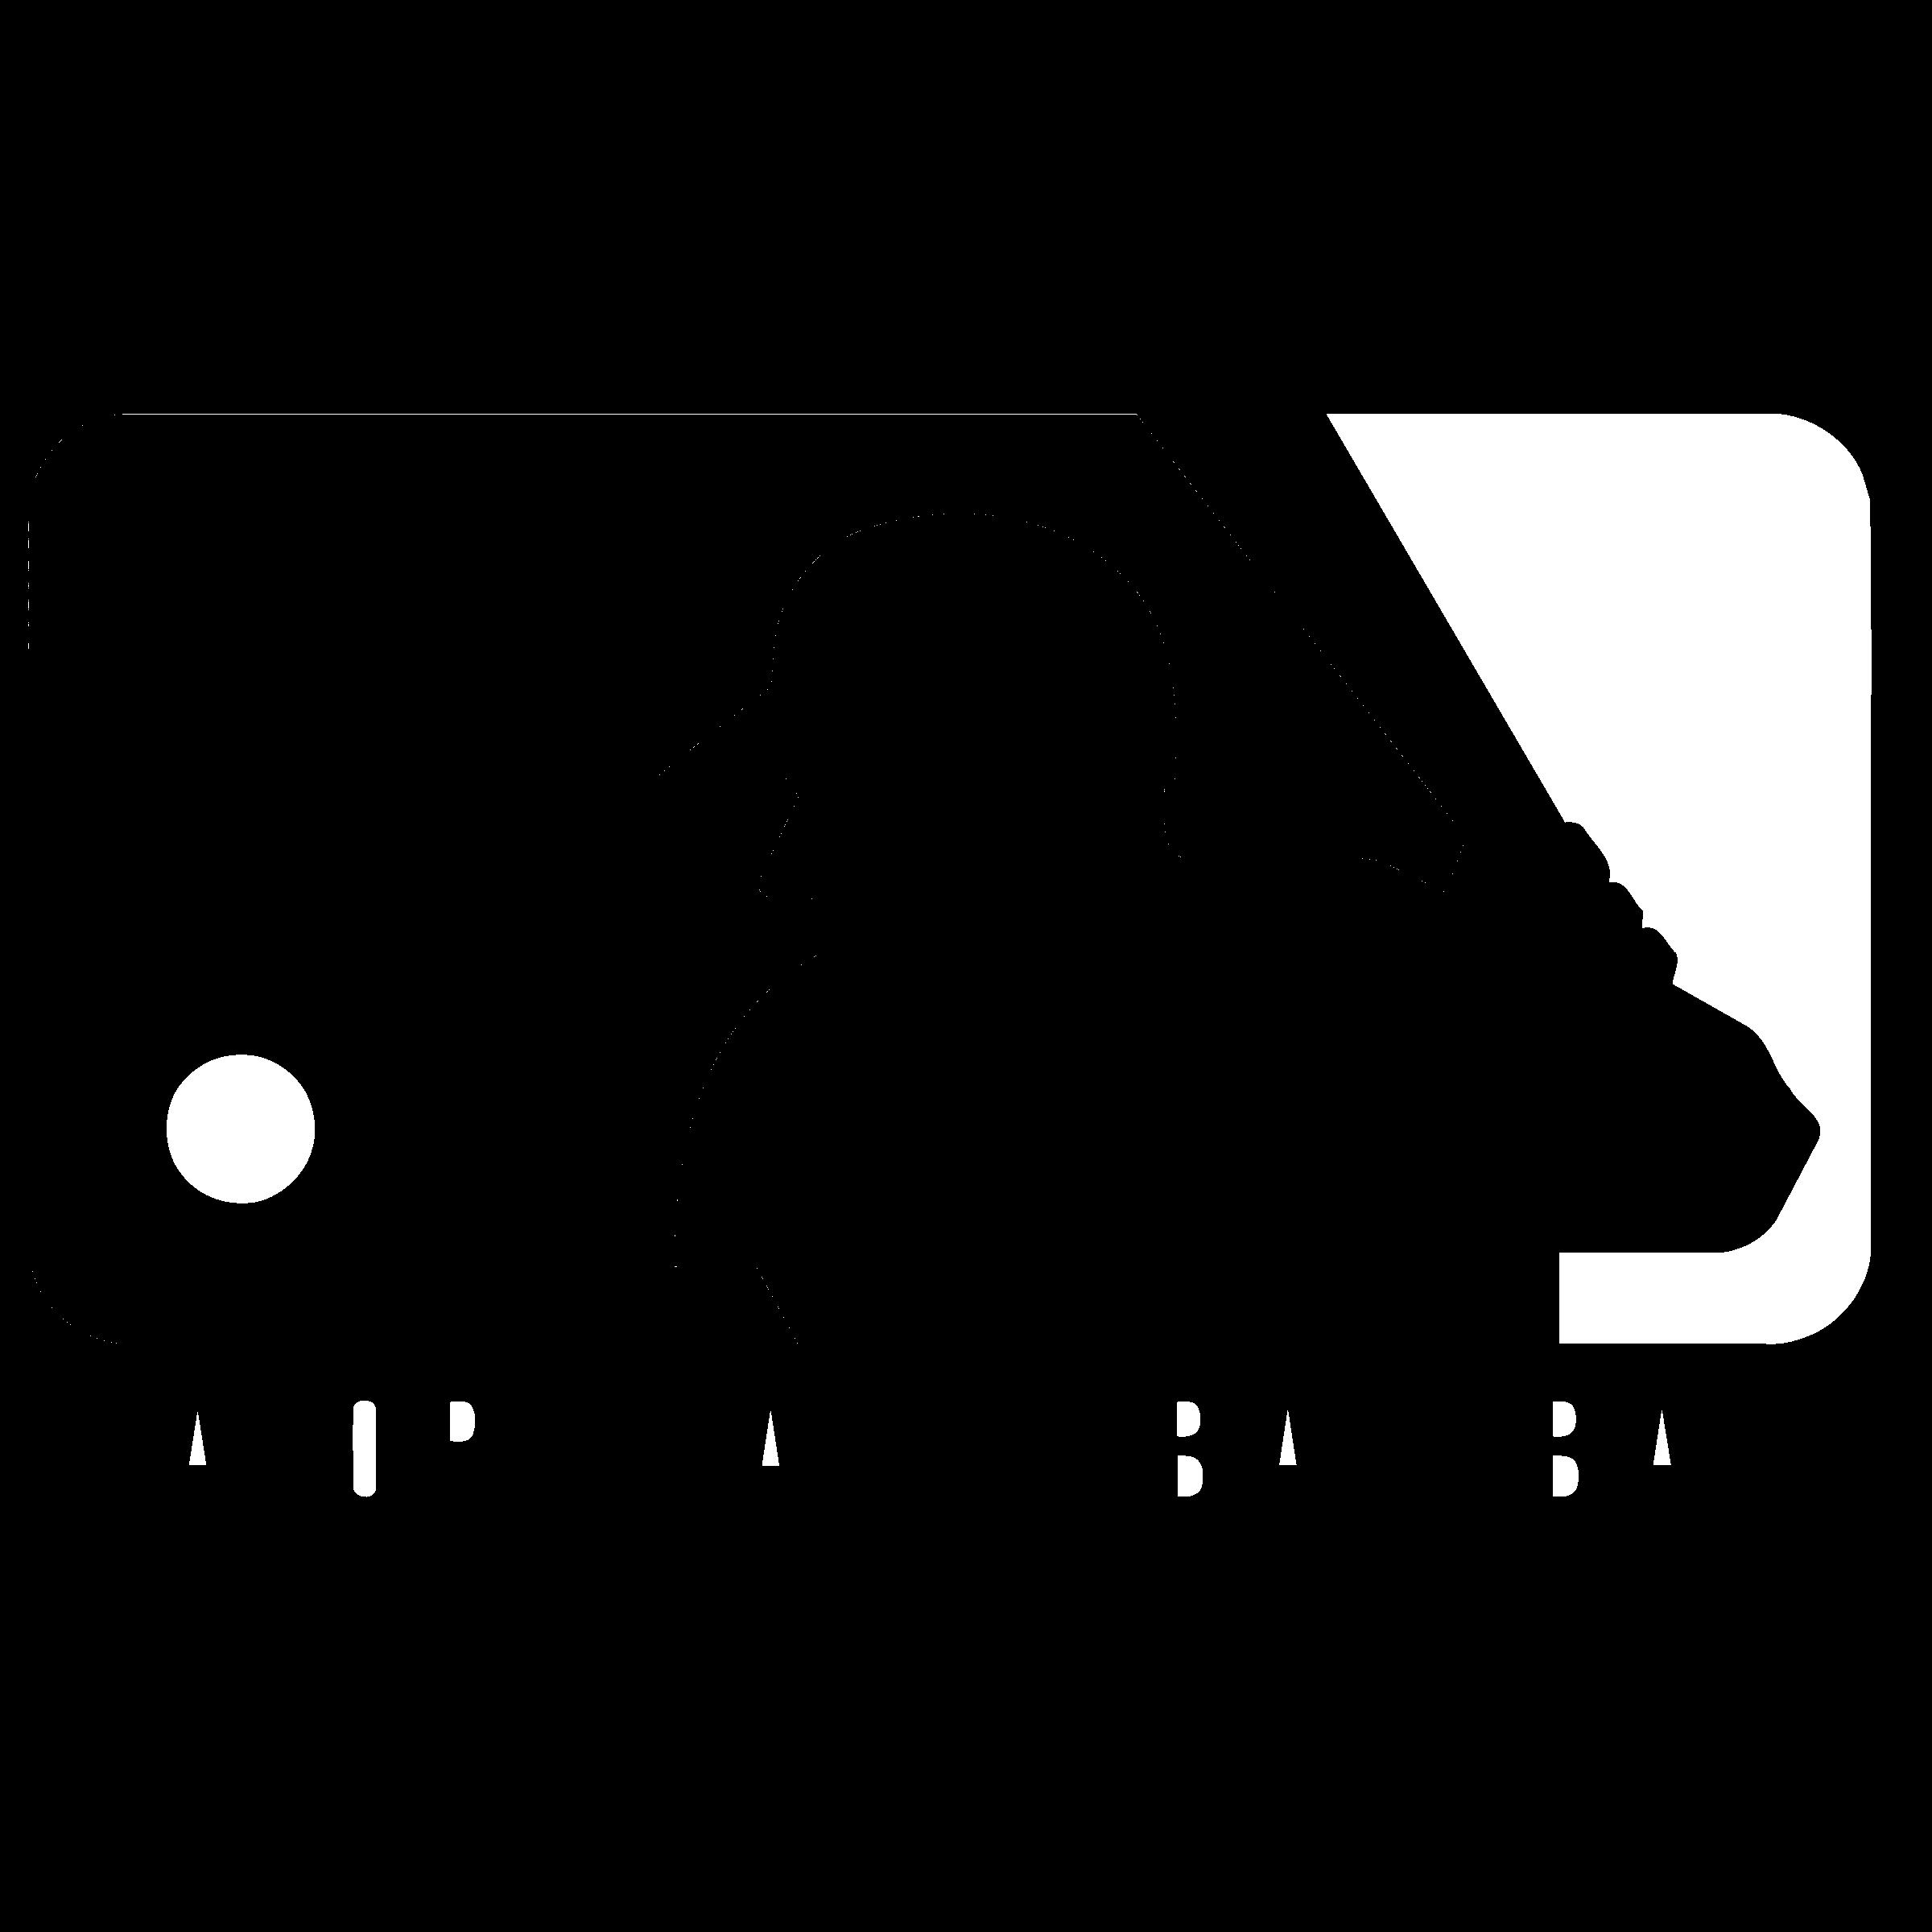 major-league-baseball-1-logo-black-and-white.png